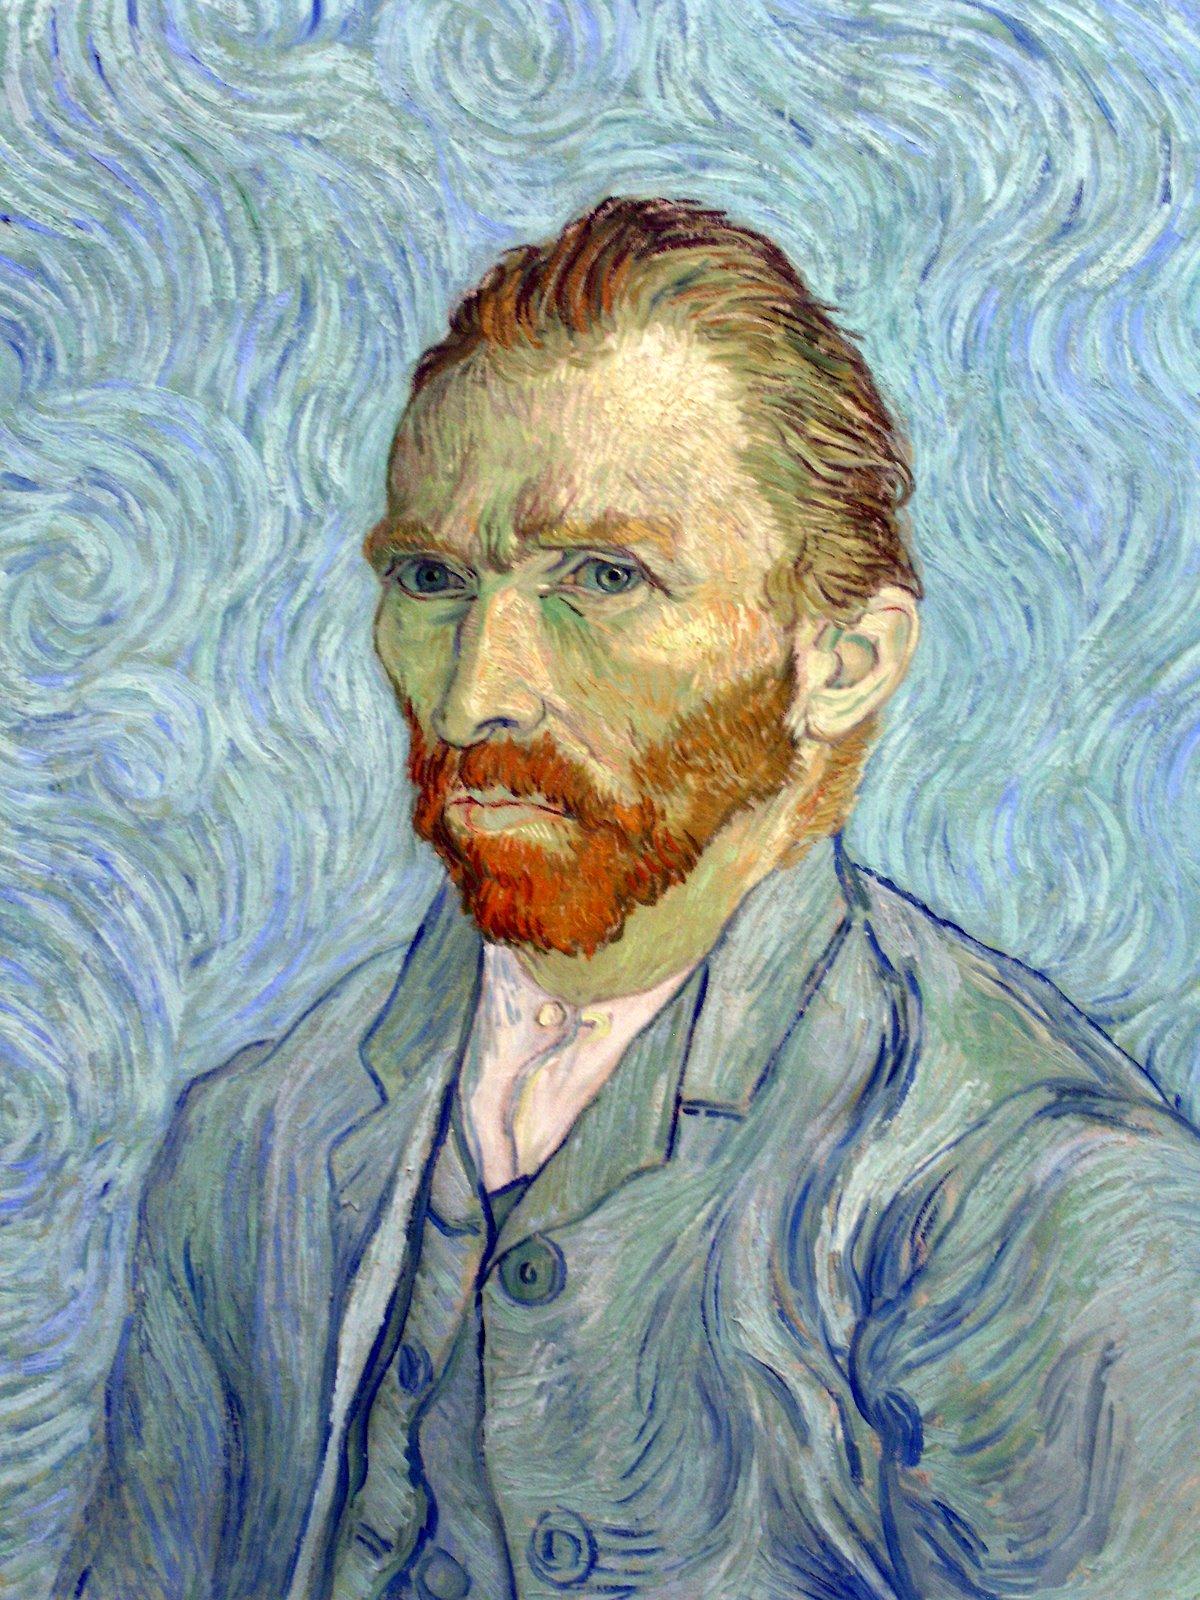 Vincent Van Gogh Colorblind App Sheds Light On Master